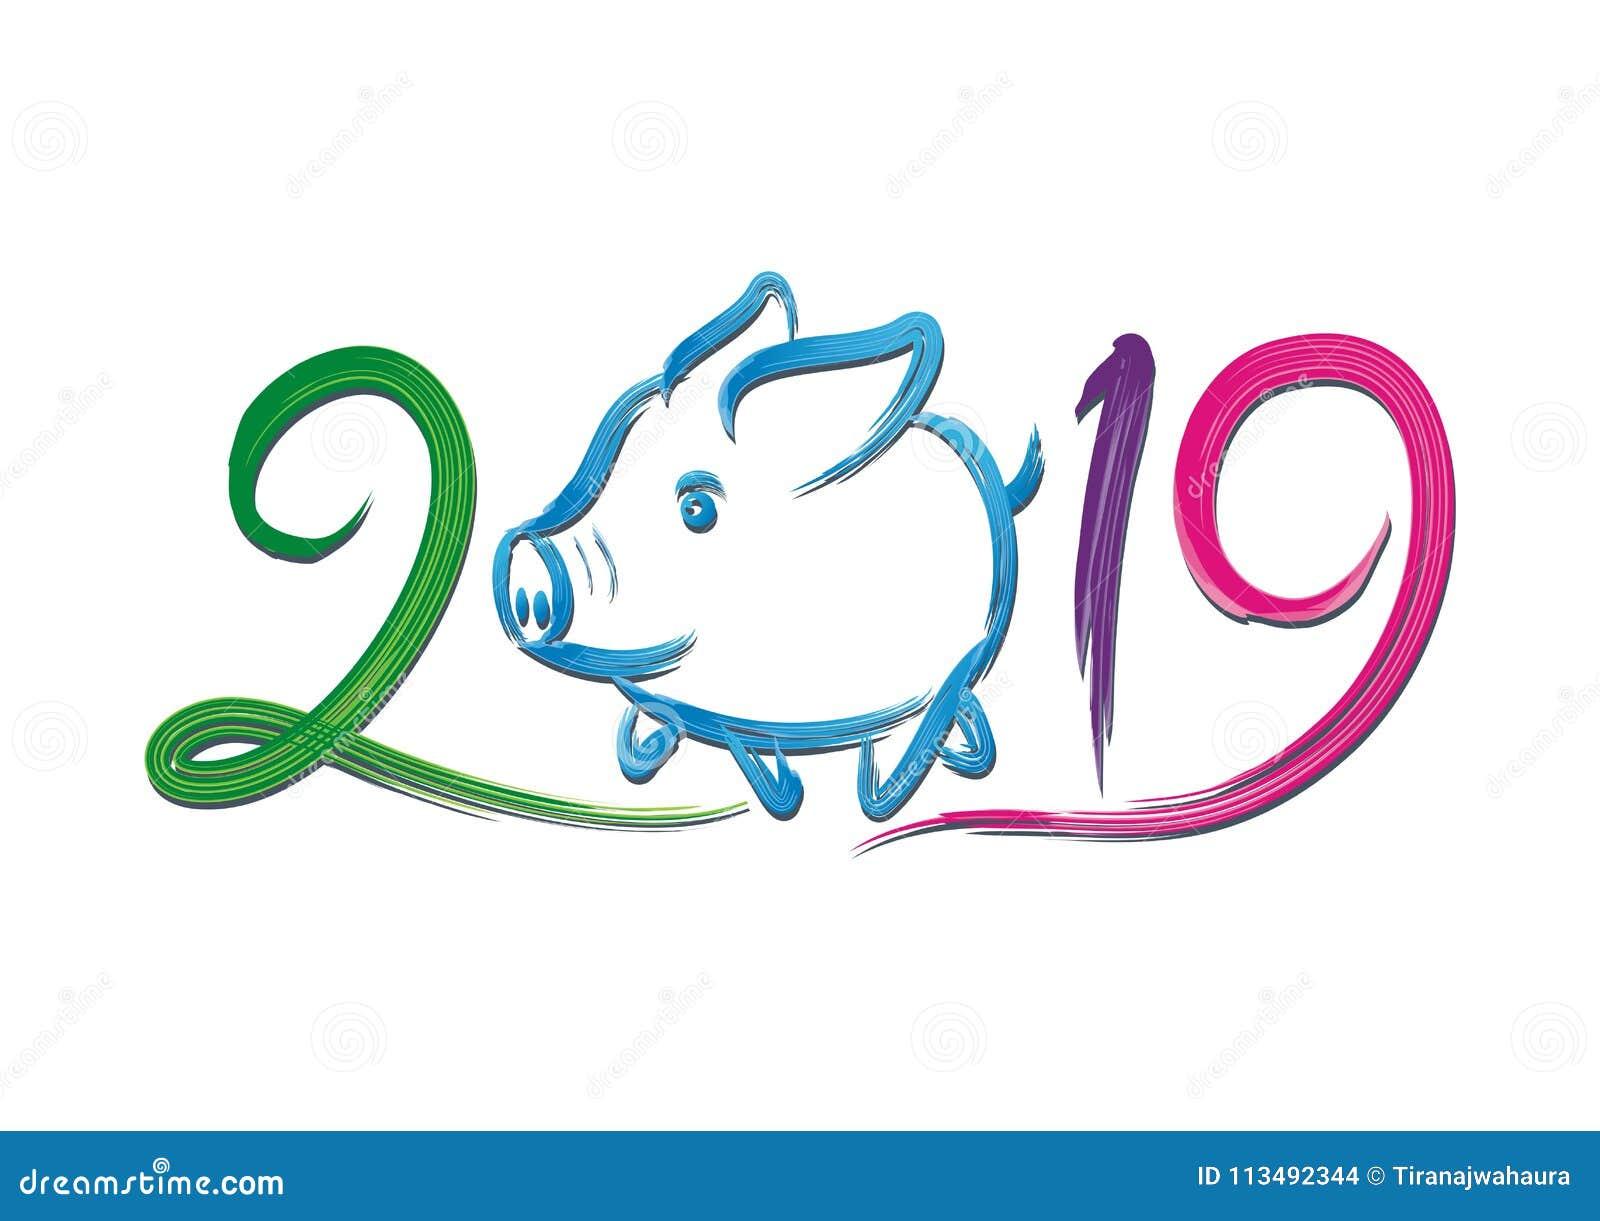 Jahr Des Schweins - 2019 Chinesisches Neues Jahr Vektor Abbildung ...